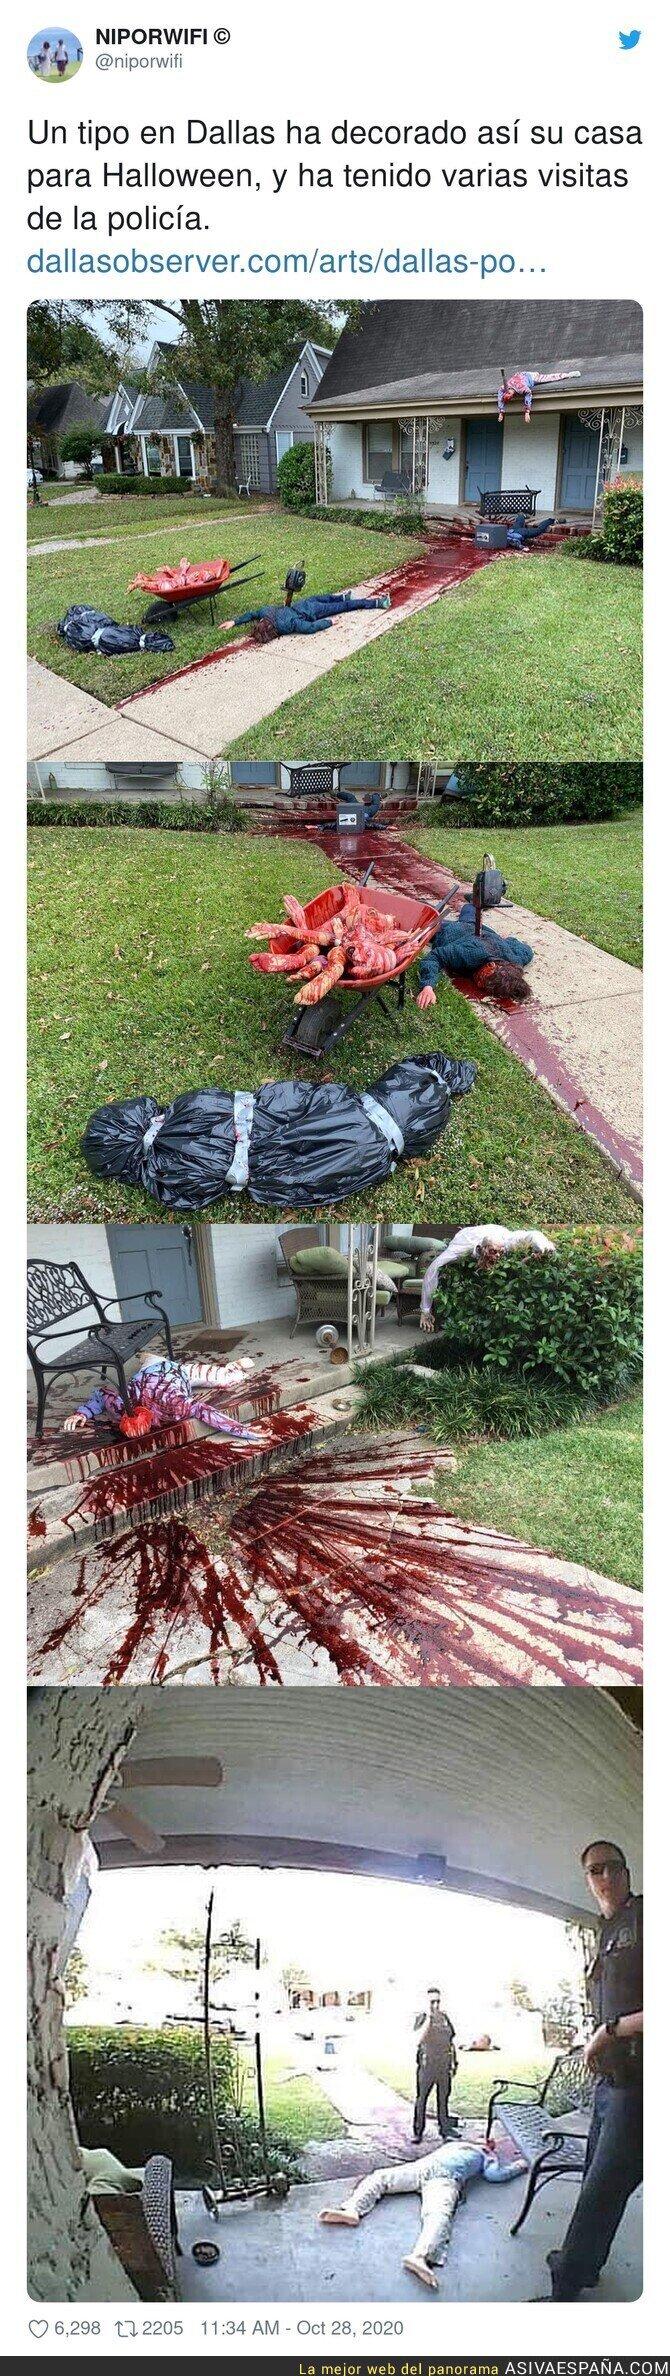 438507 - Decoraciones de Halloween no aptas para todo el mundo